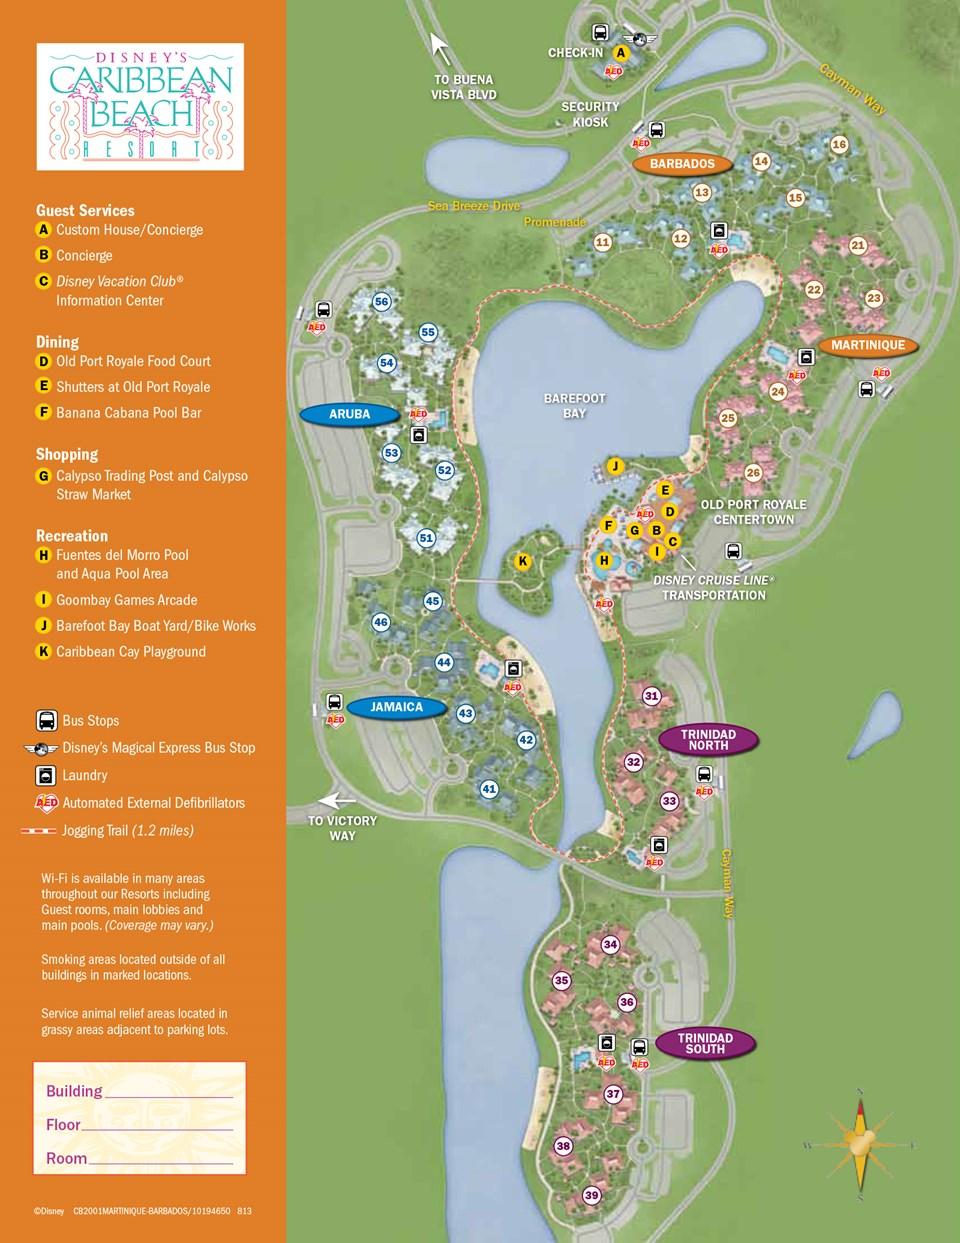 2013 Caribbean Beach Resort guide map 3 of 6